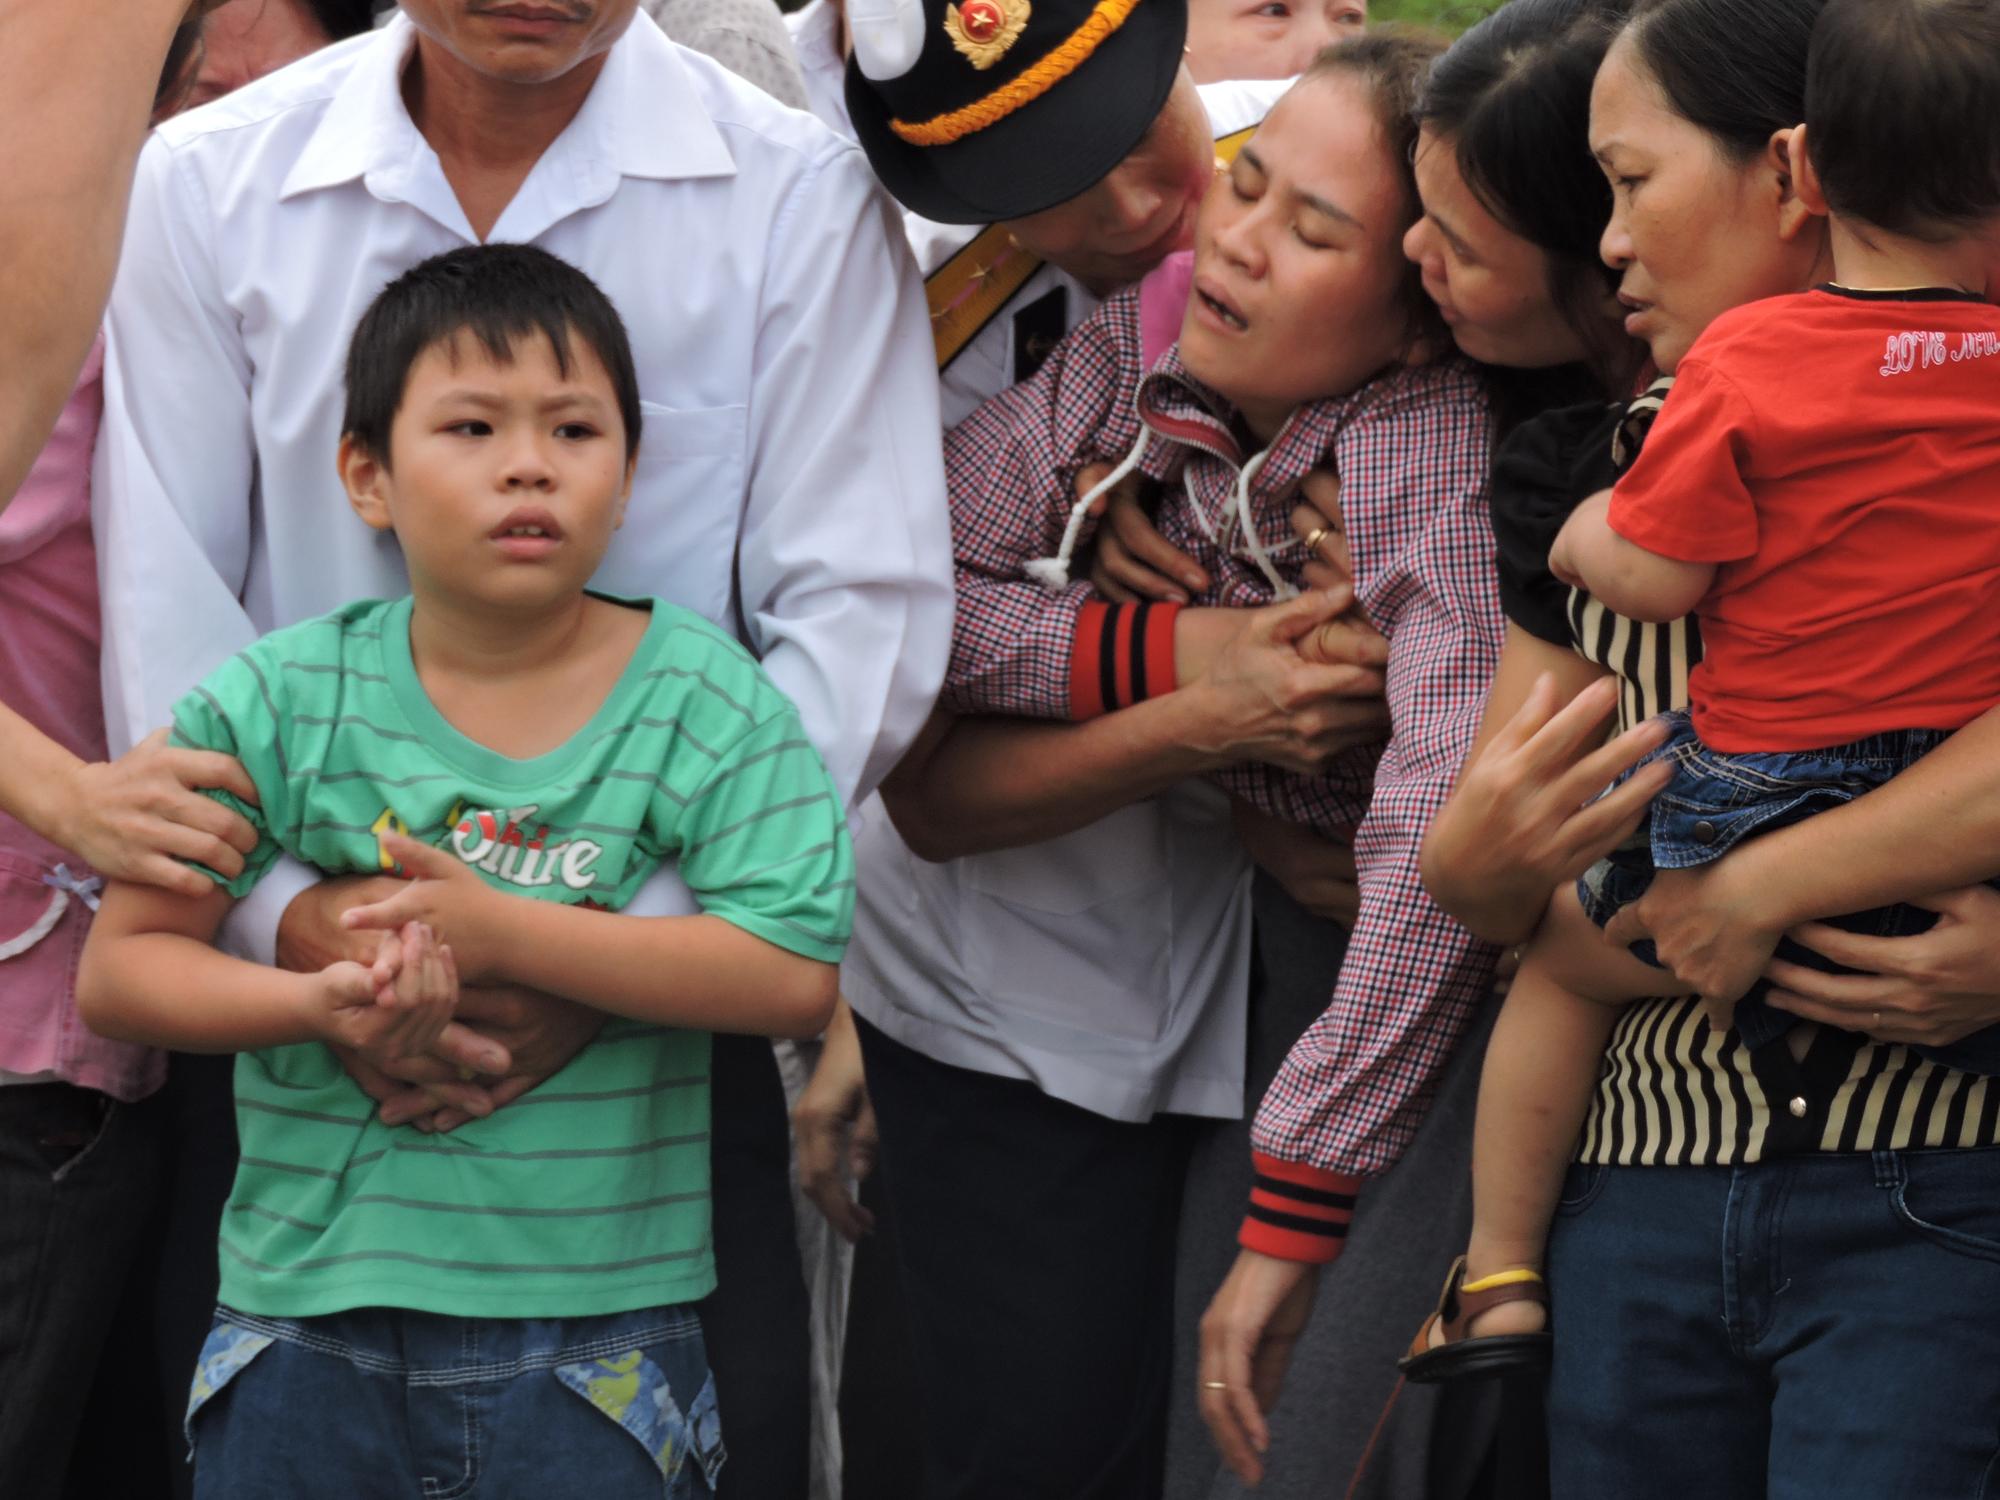 Vợ Thượng úy Bắc đau đớn khóc ngất trong vòng tay người thân